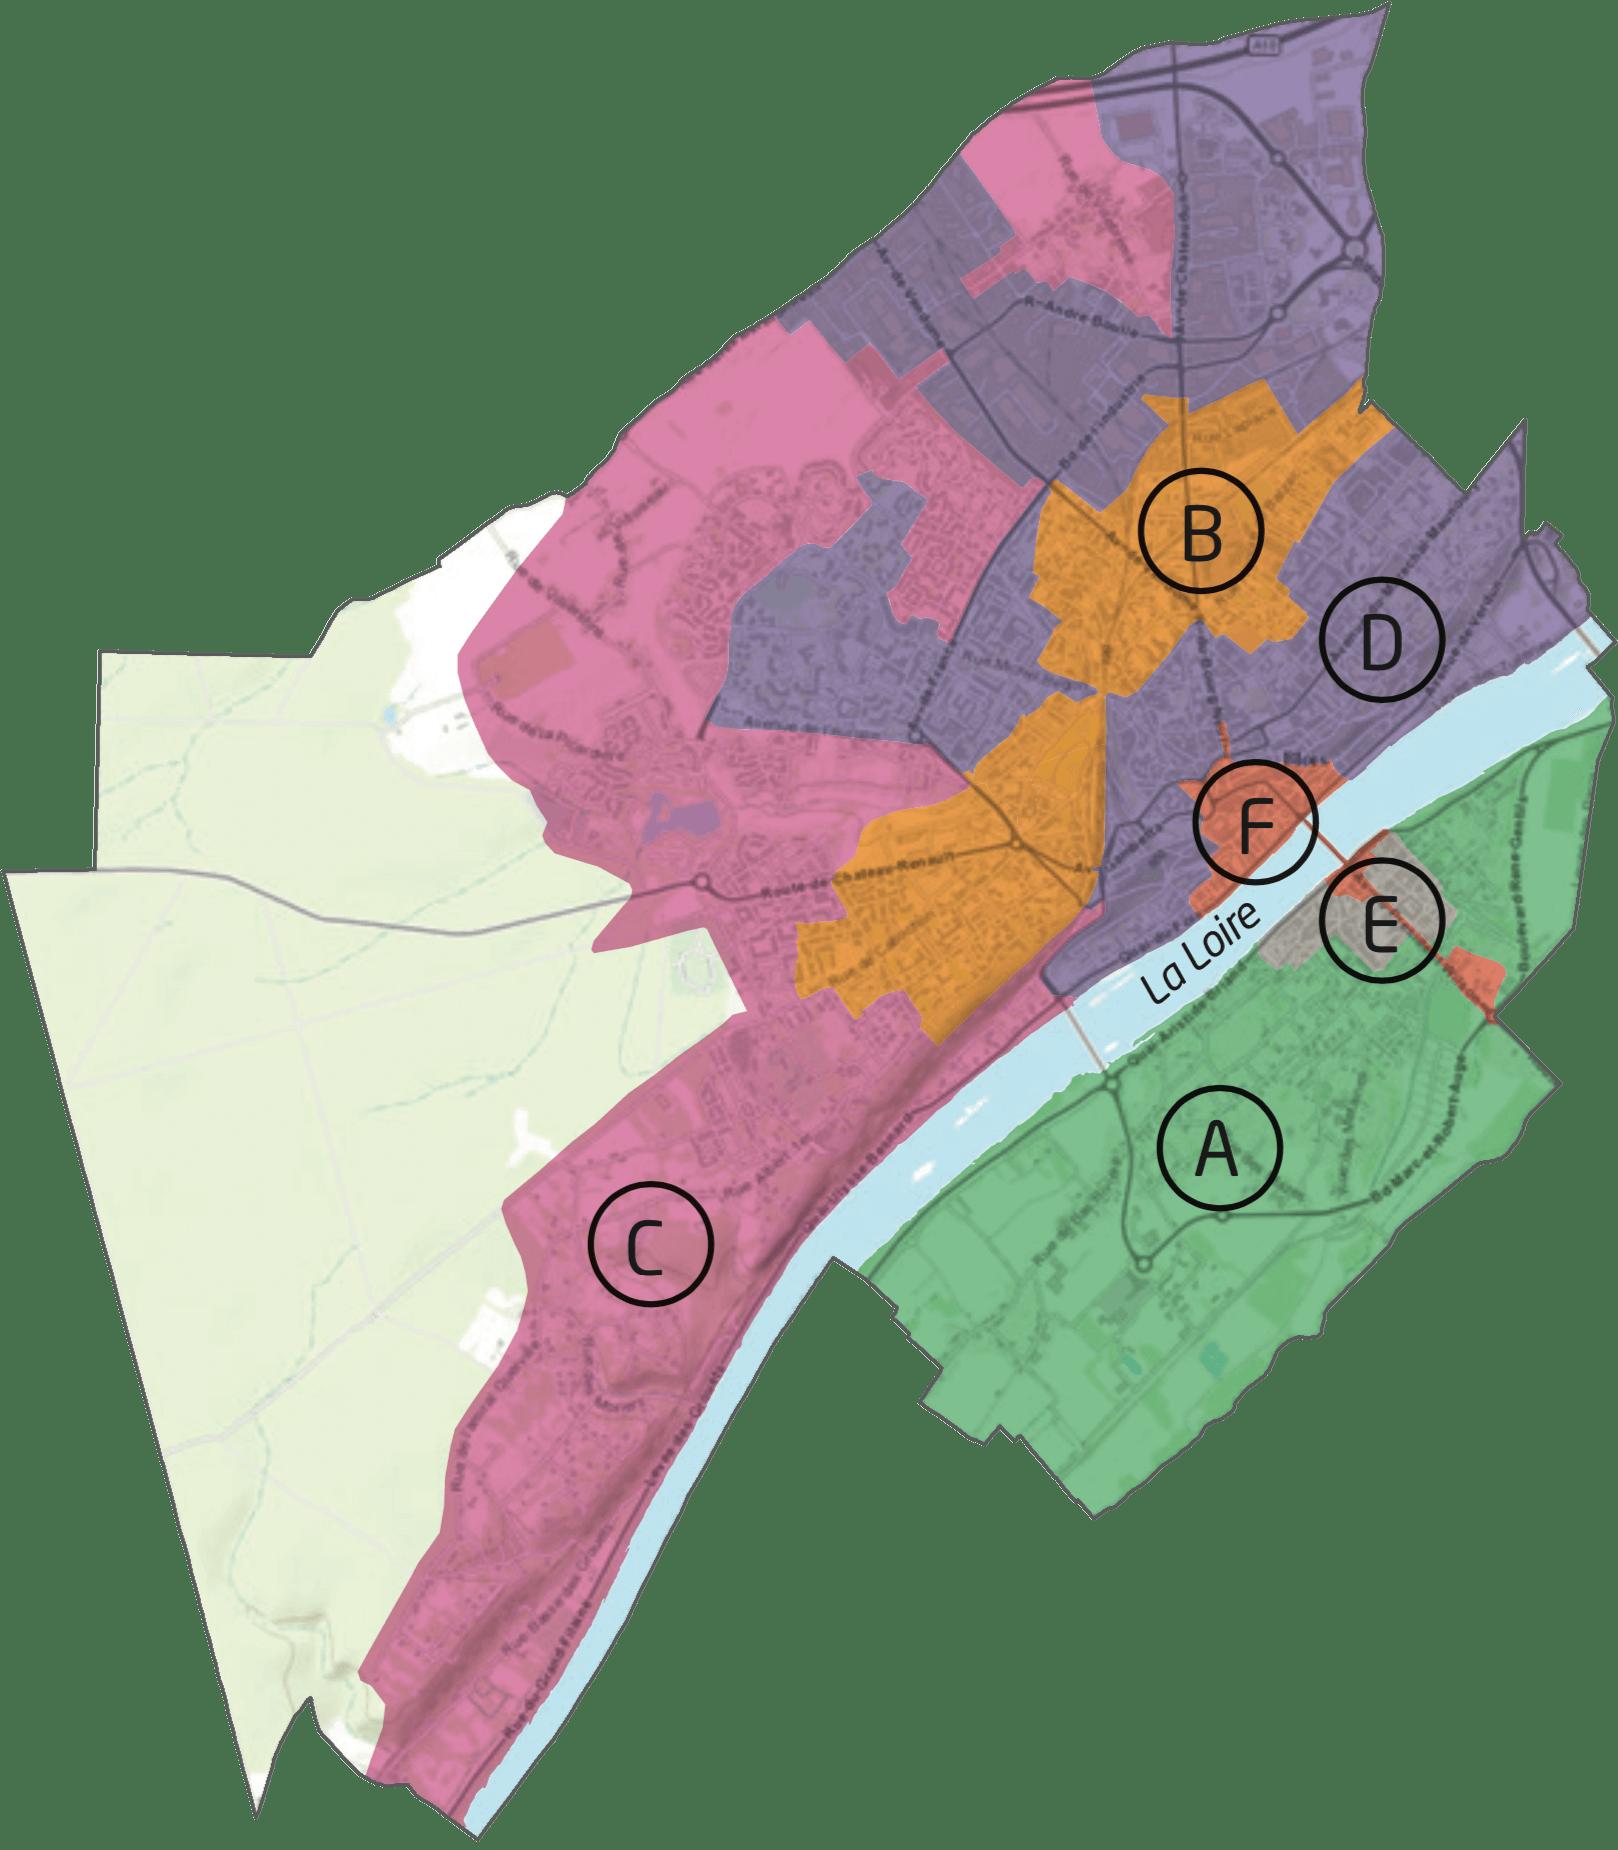 Carte découpant Blois en six secteurs ayant chacun leur propre jour de collecte des déchets. Pour connaître le jour de collecte dans votre rue sans carte, utilisez le formulaire de recherche d'Agglopolys mentionné précédemment sur cette page.